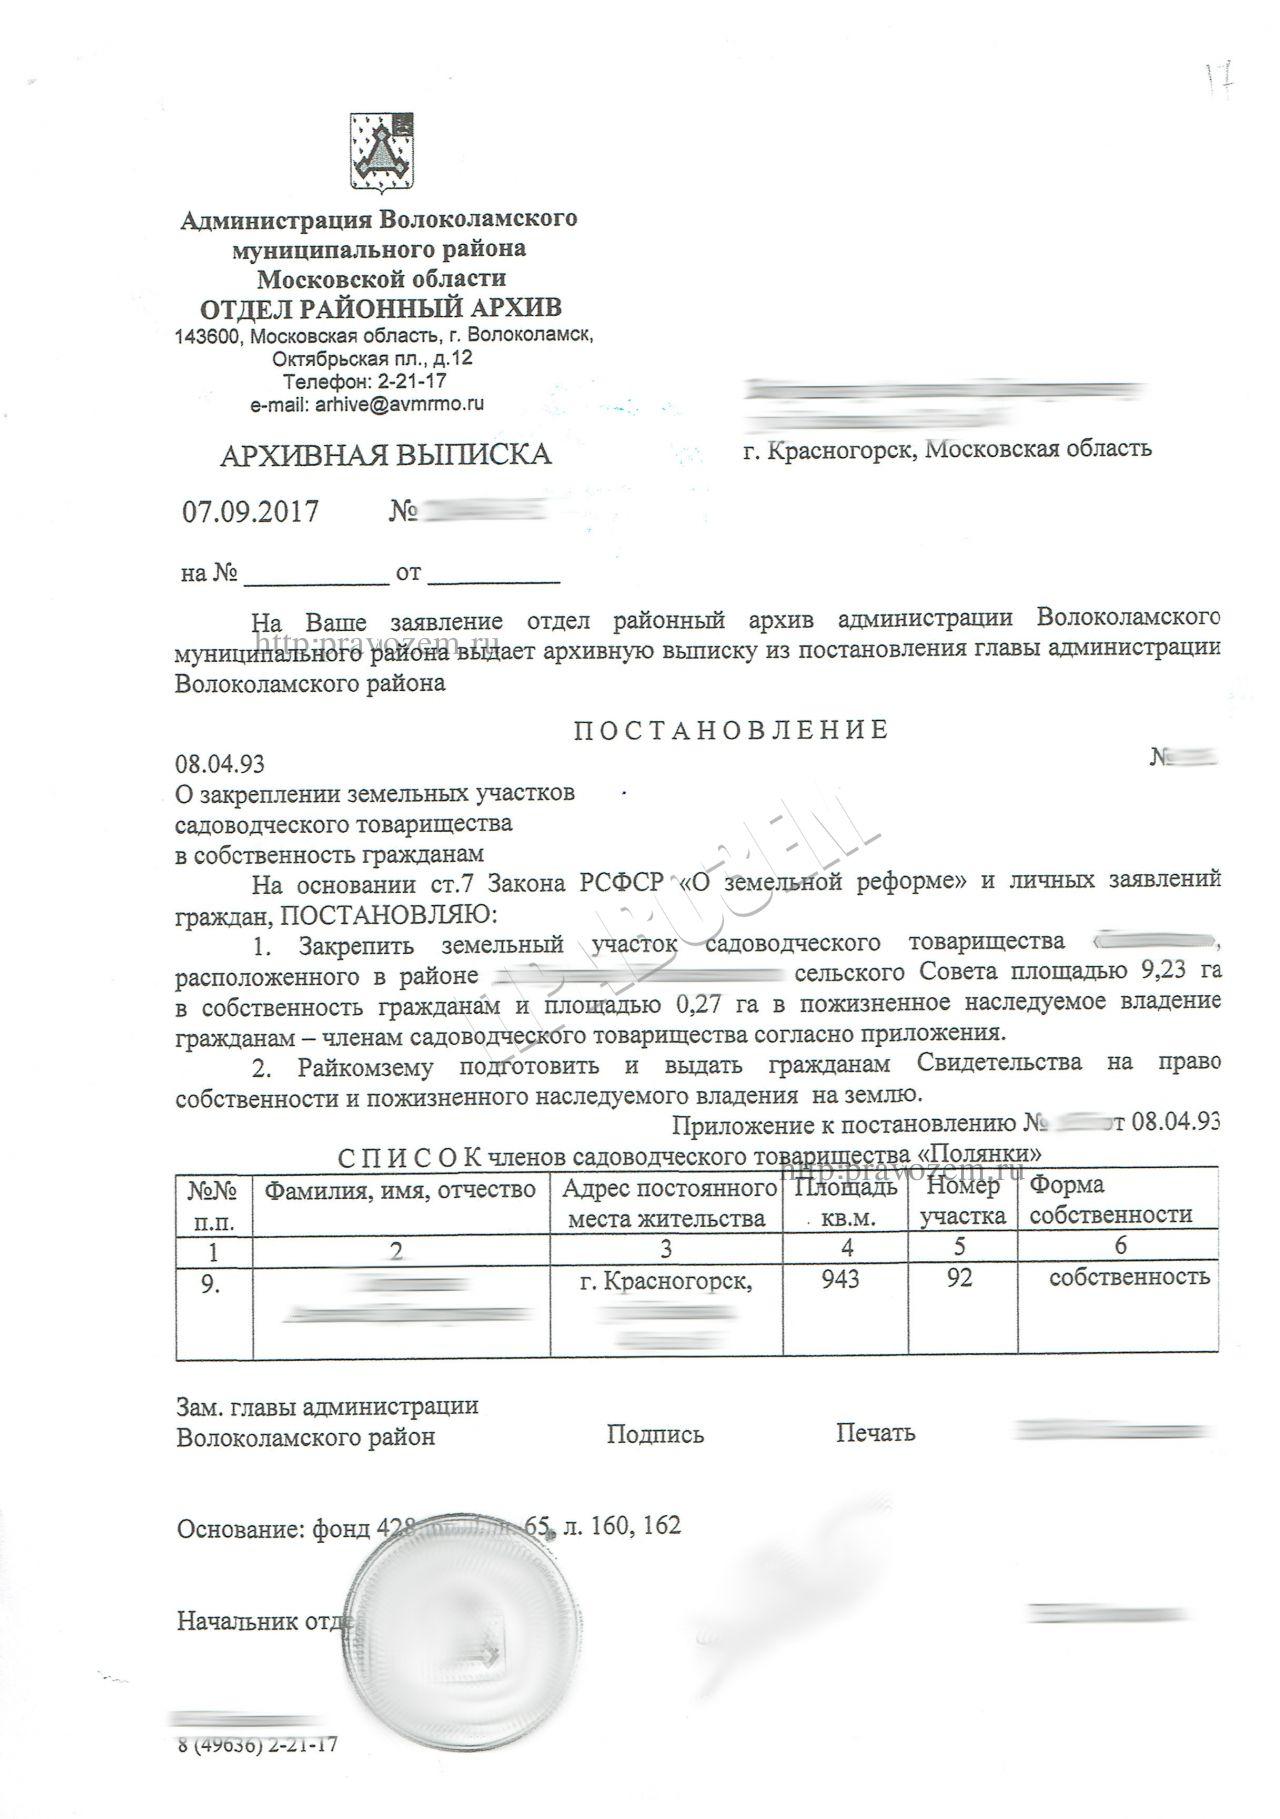 Межевание земельного участка и оформление права собственности в Волоколамске